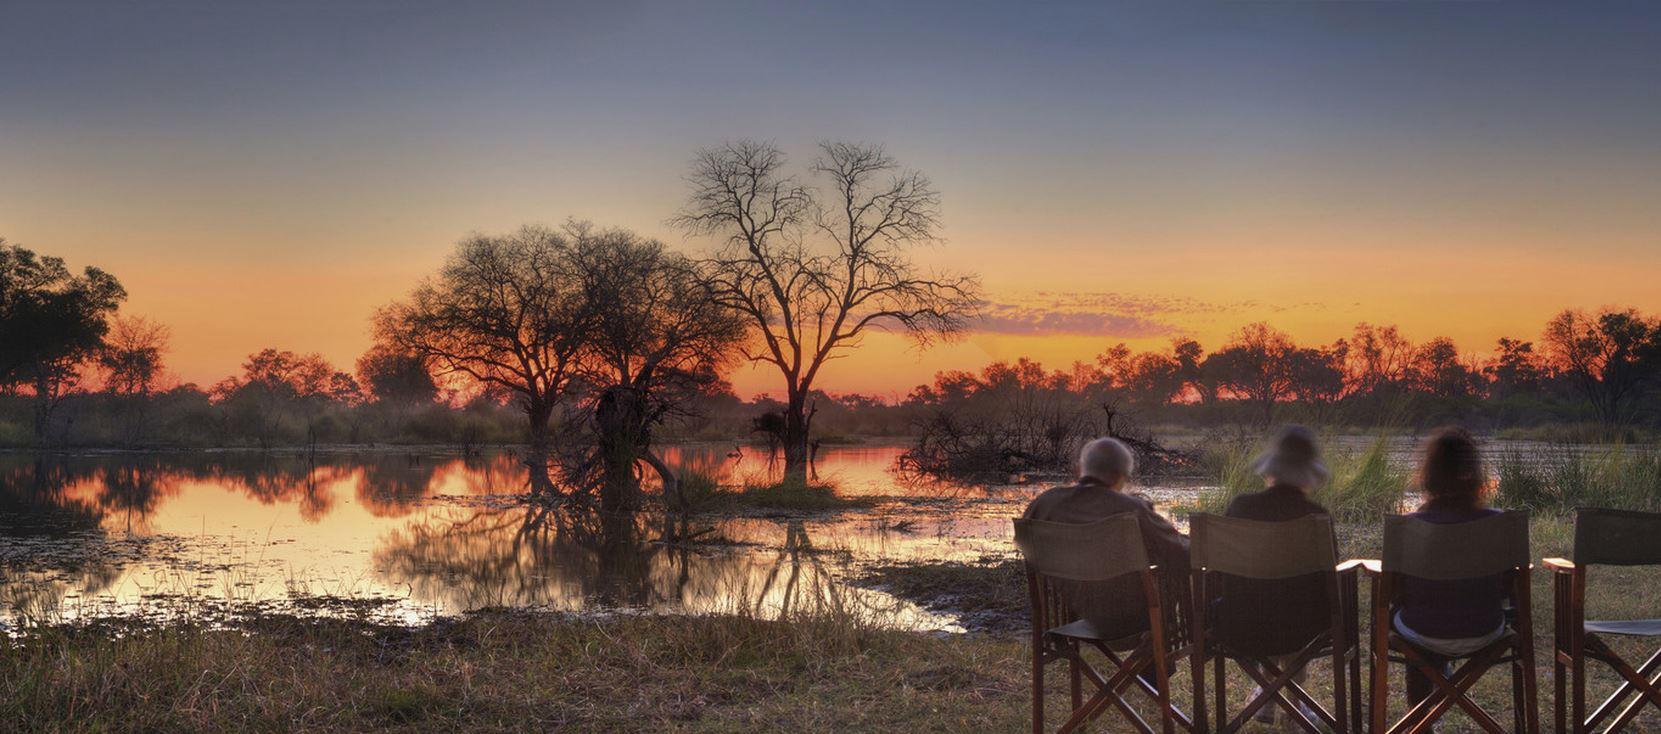 Goûter au paradis qu'est le Botswana